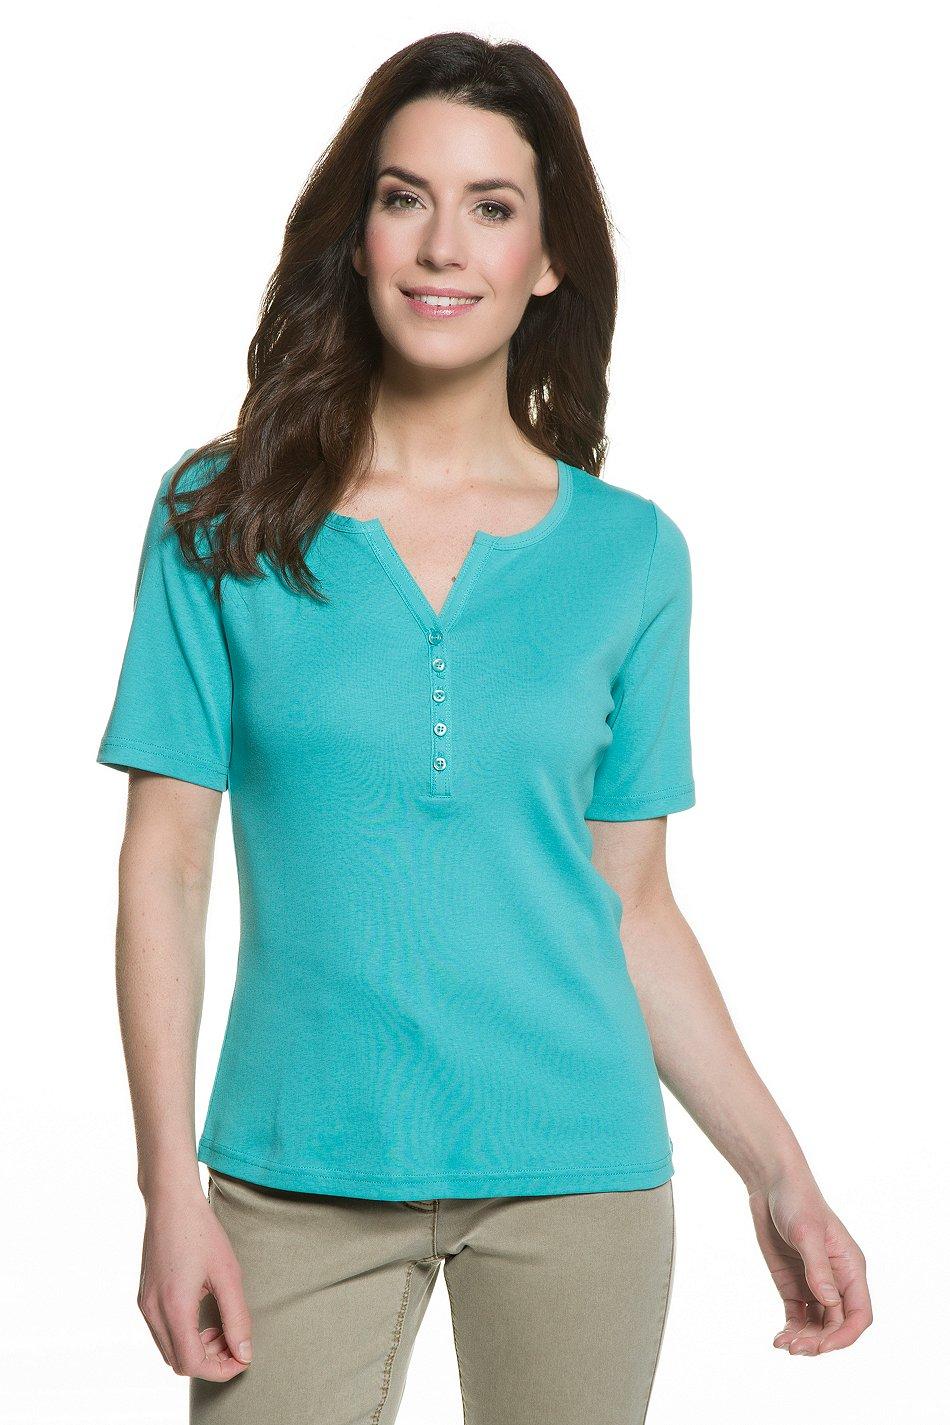 Gina Laura BASICS T-Shirt Tunikaausschnitt Rippjersey grün NEU Gr. L